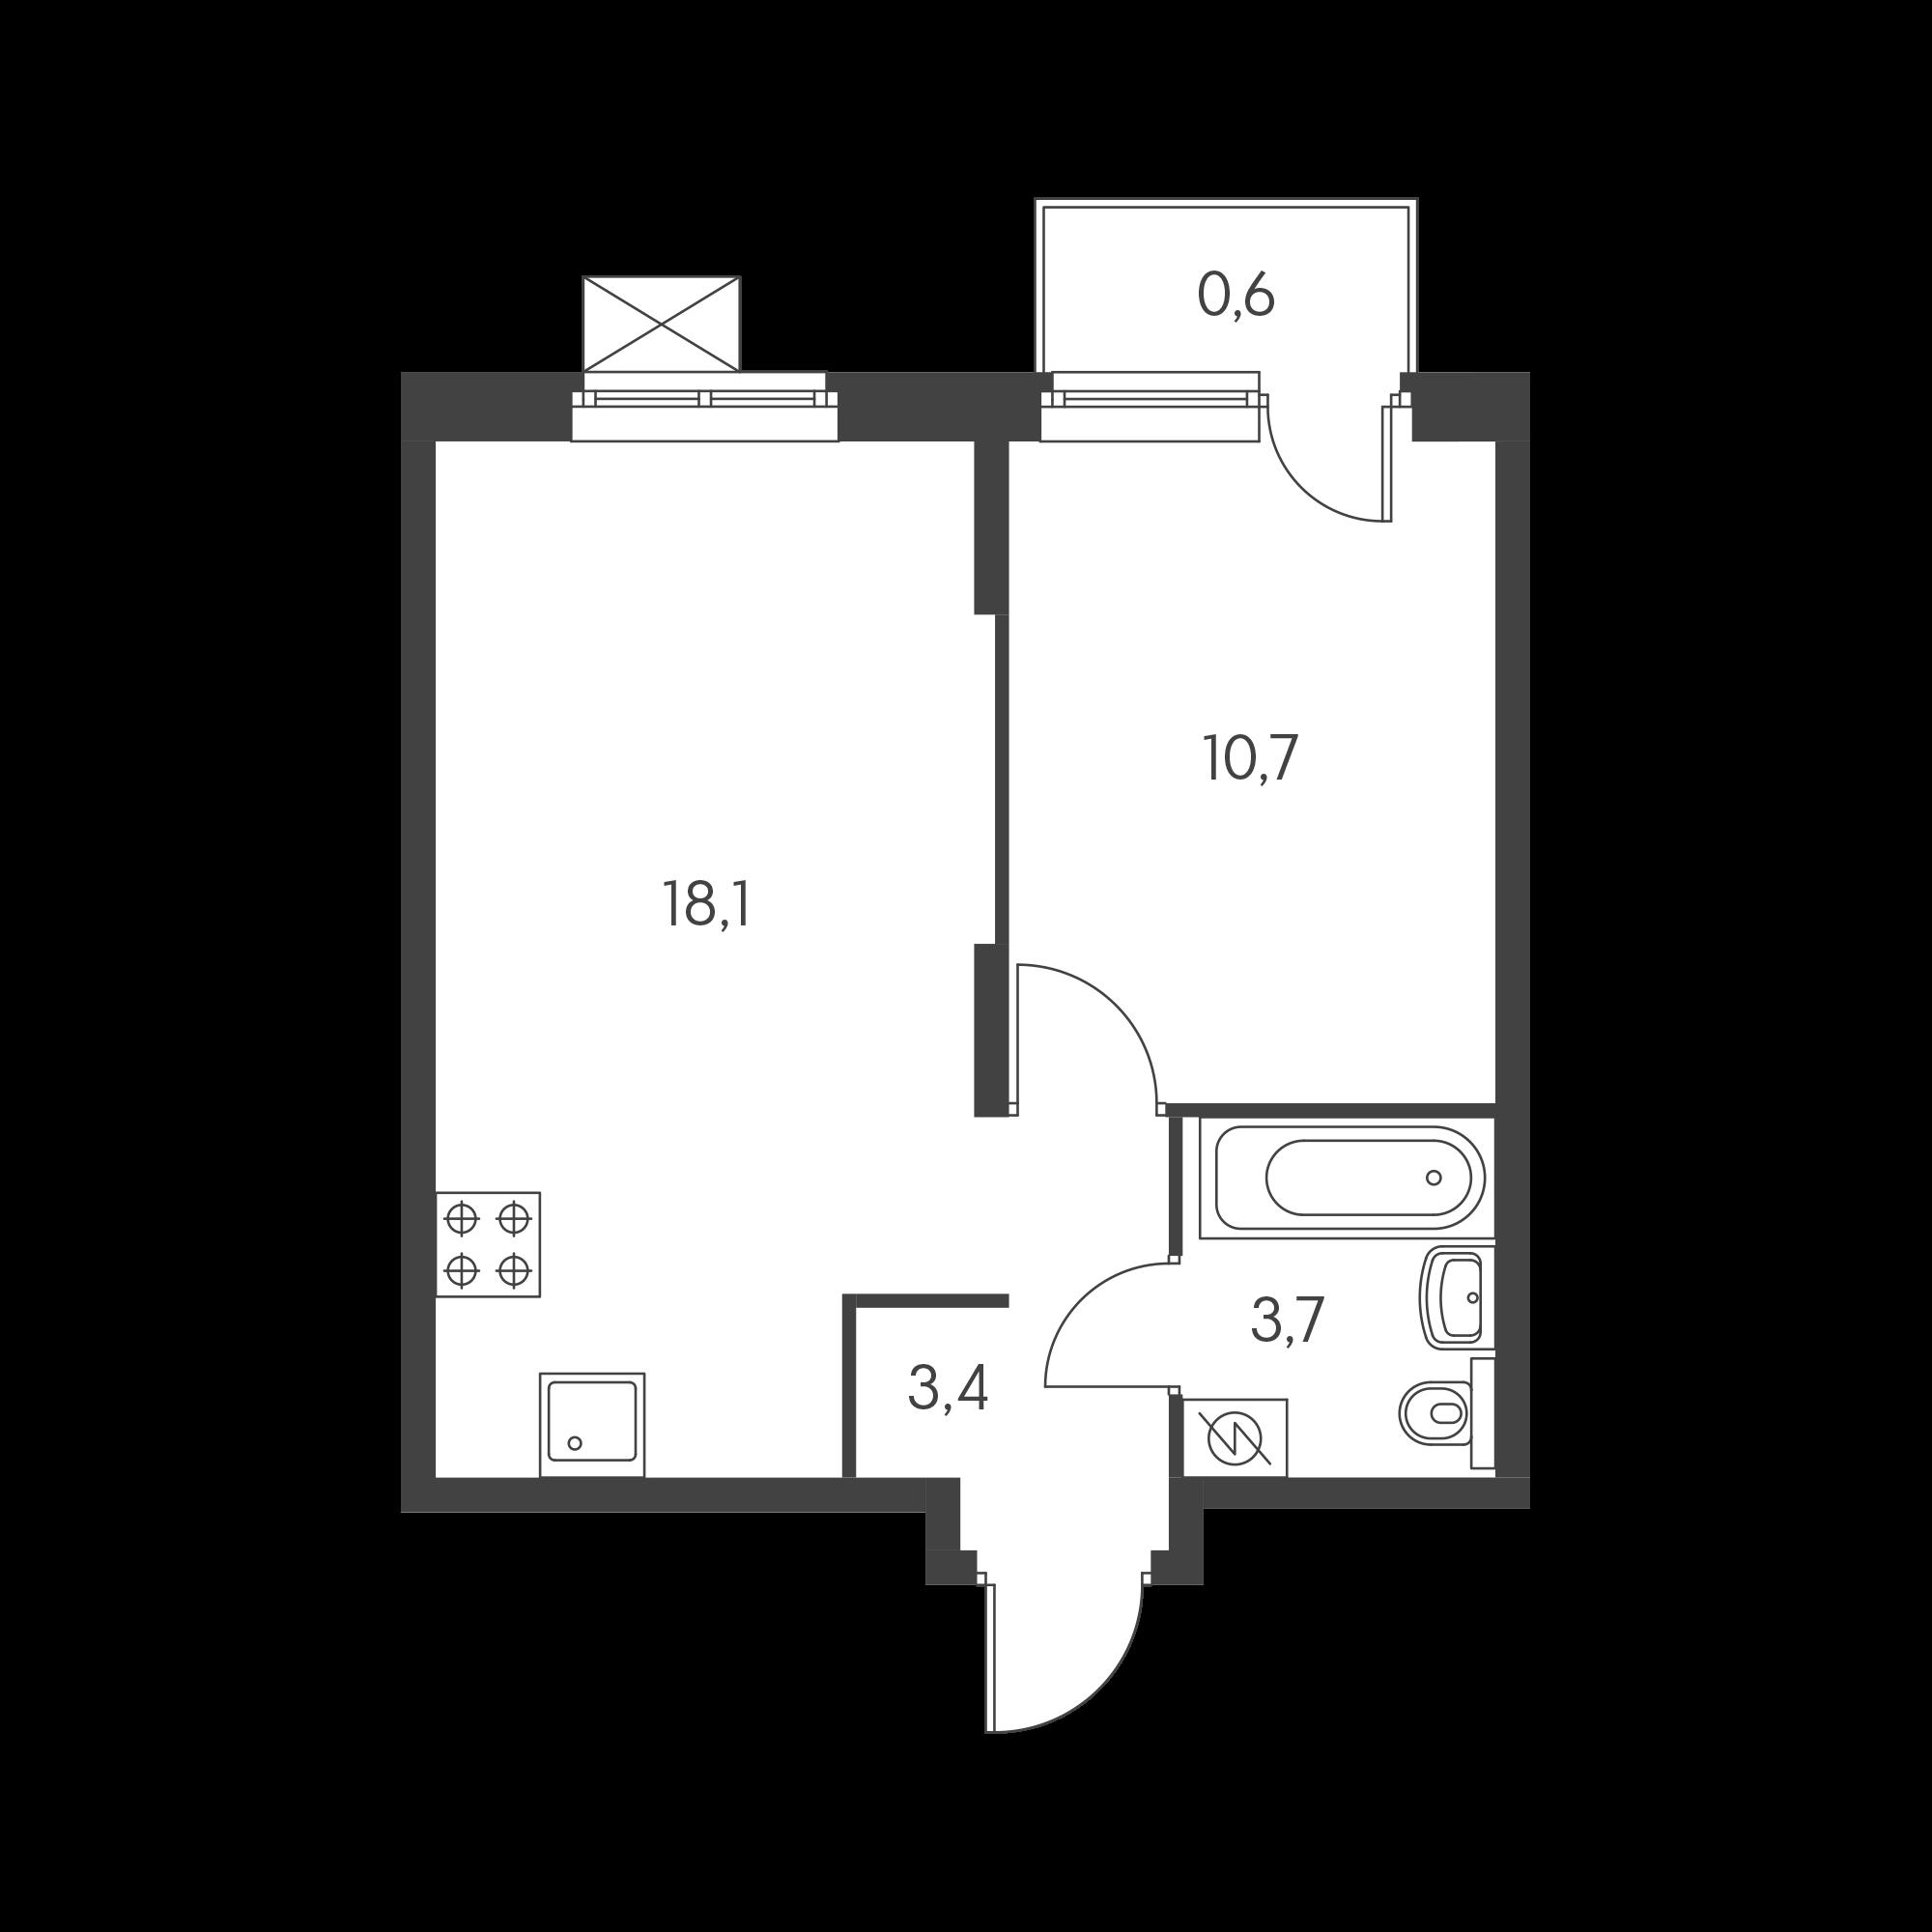 1EM2.02_B